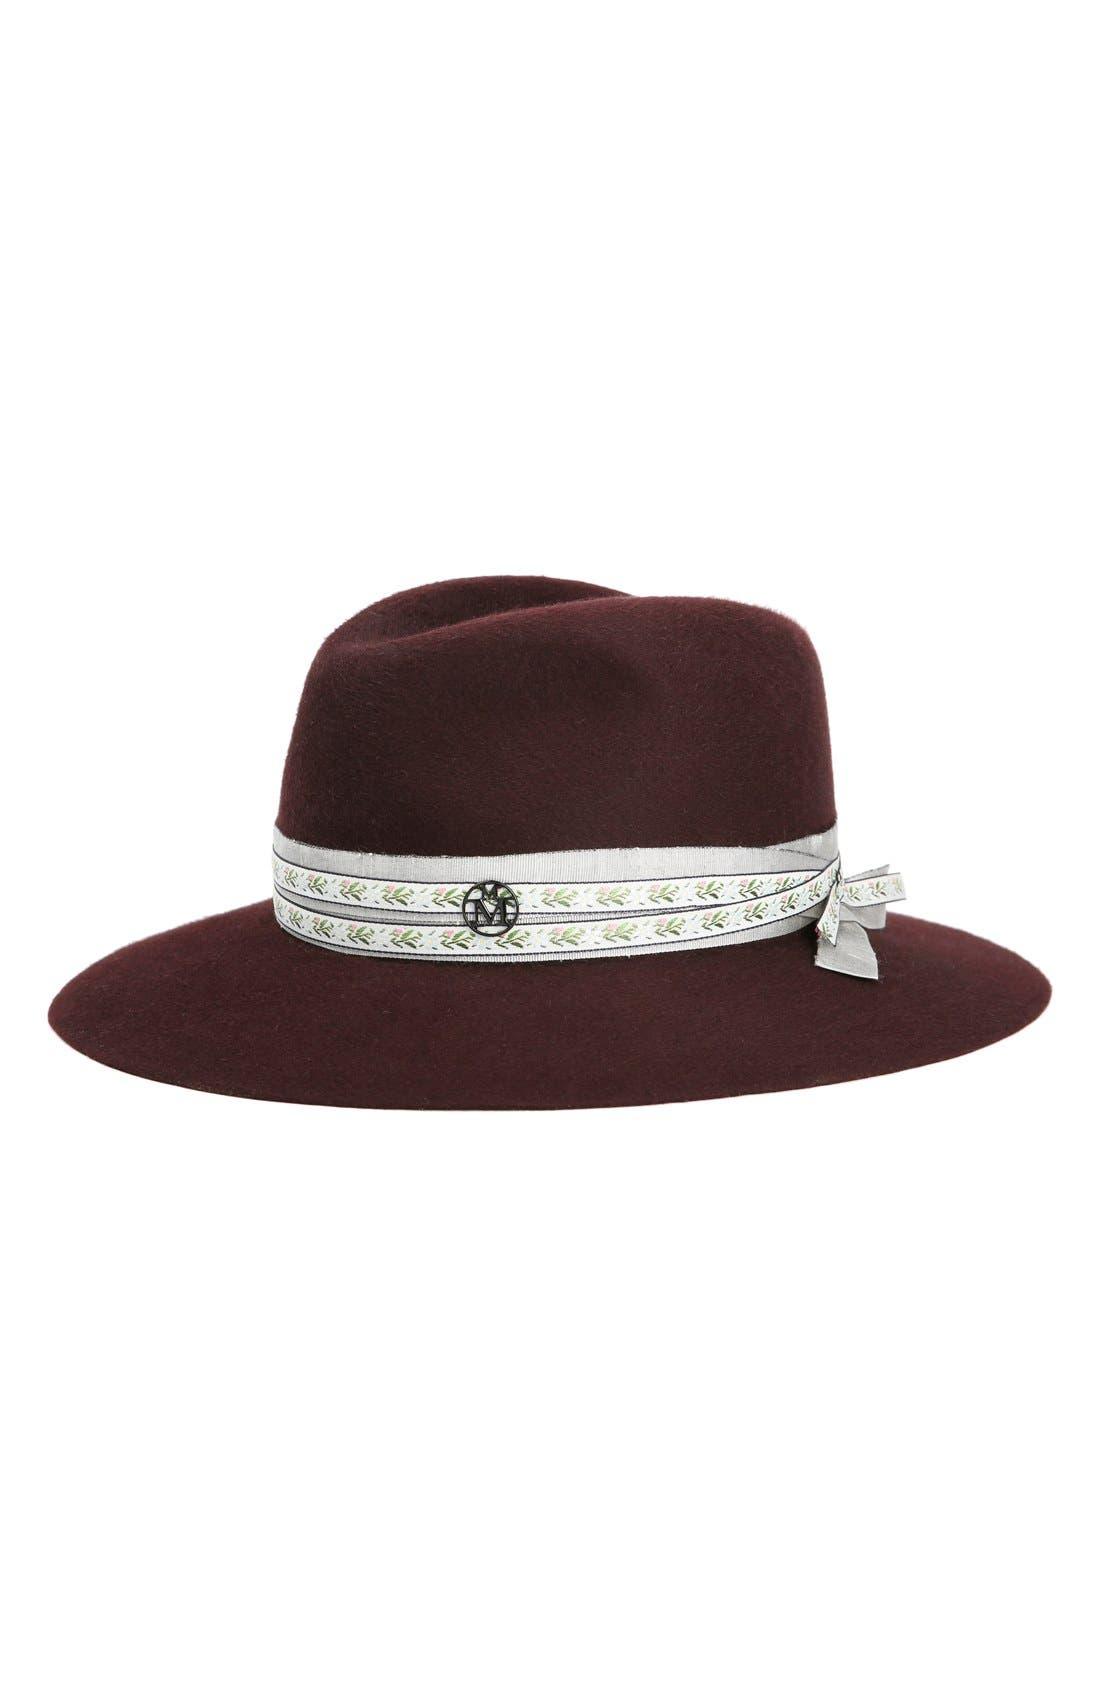 MAISON MICHEL 'Henrietta' Genuine Fur Felt Hat